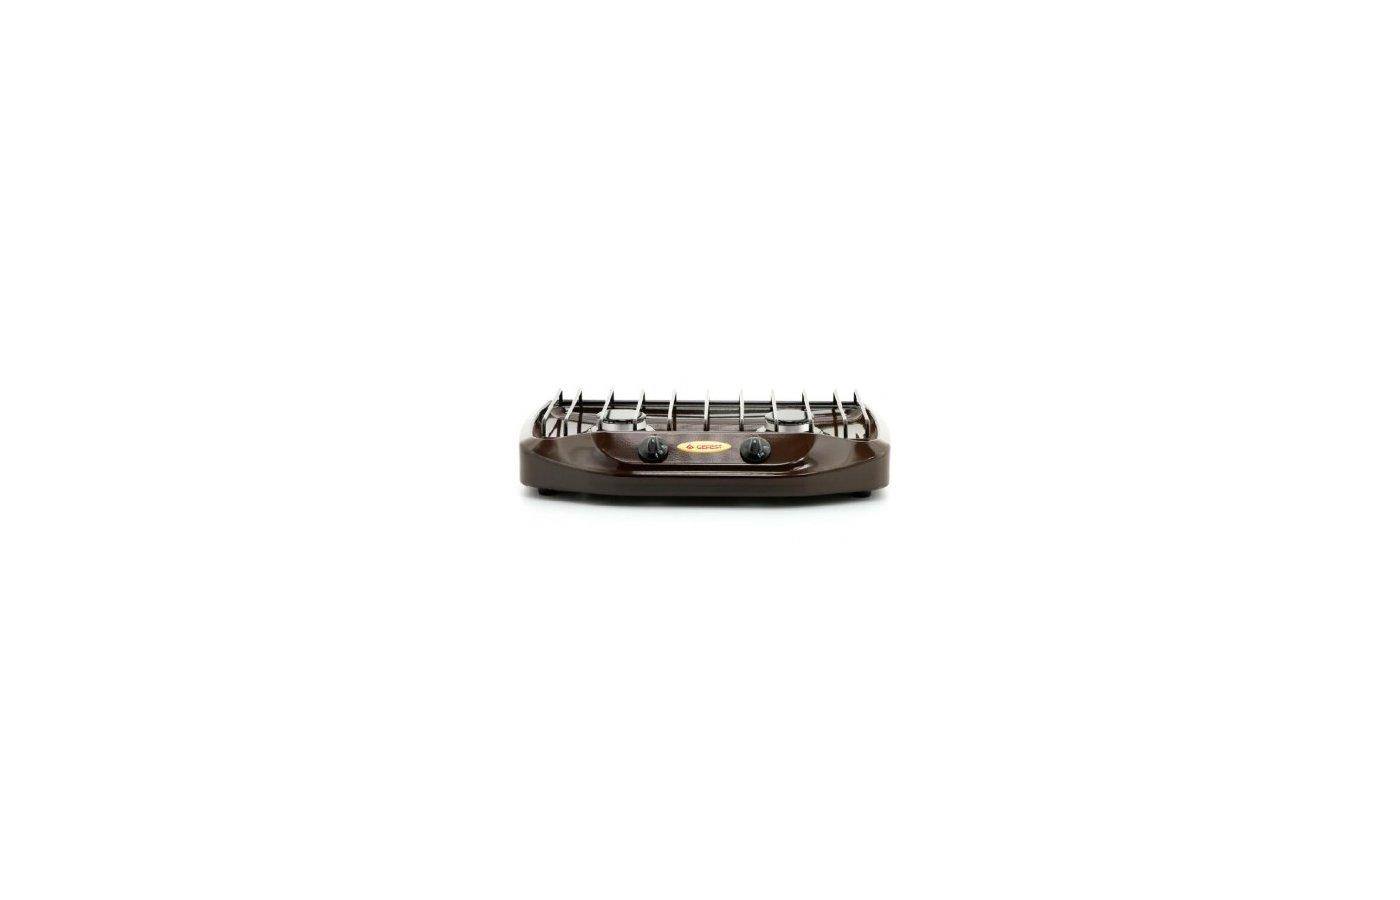 Плитка газовая GEFEST ПГ 700-02 коричневая